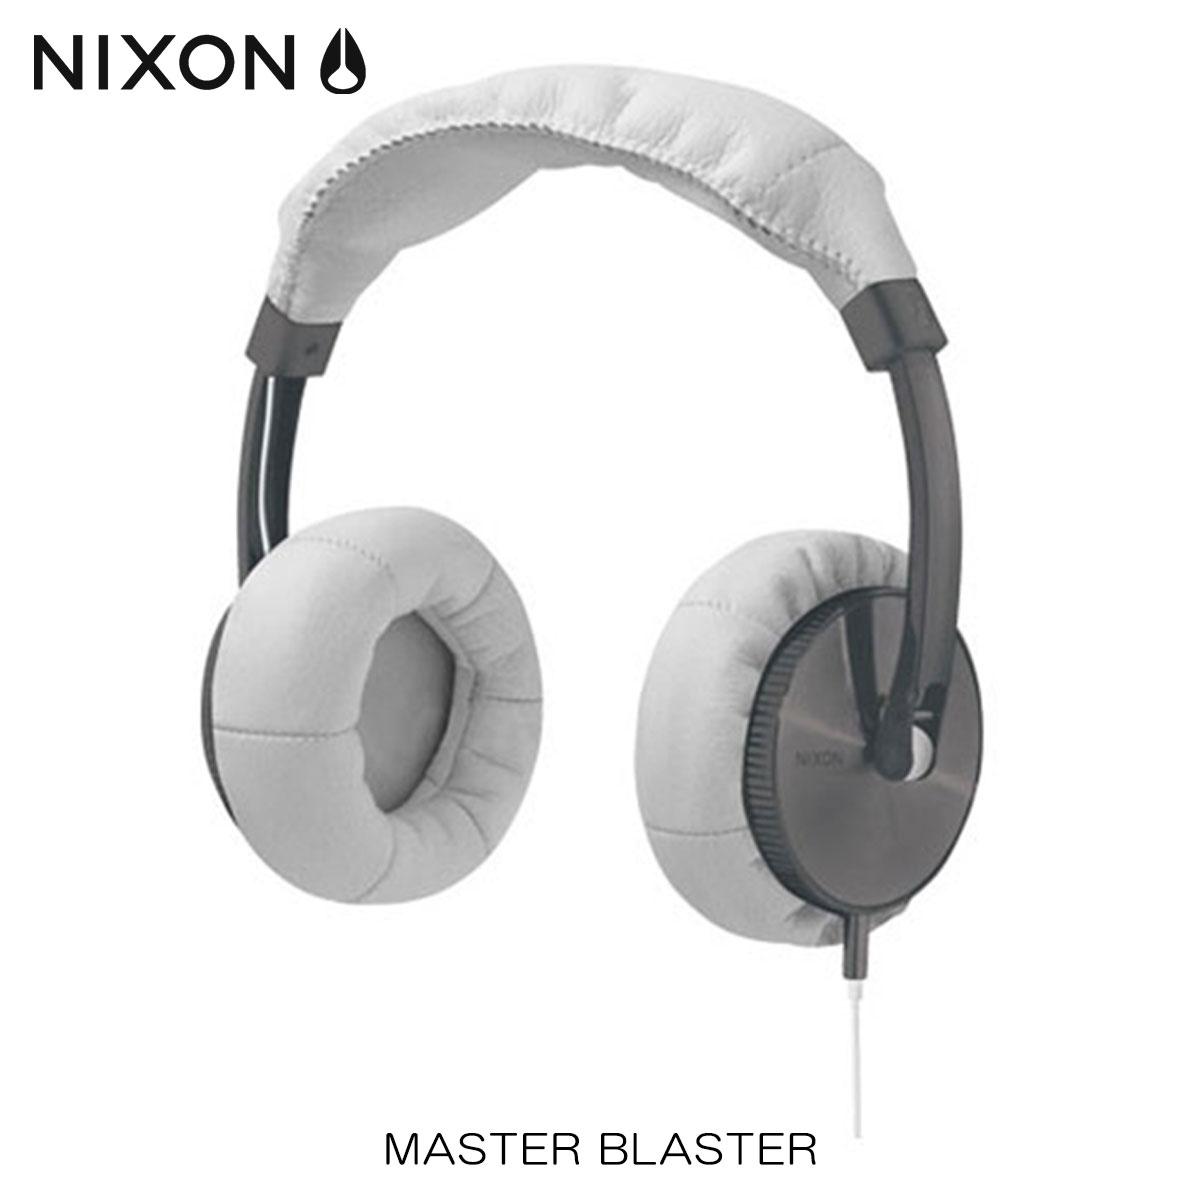 正規販売店 MASTER BLASTER D15S25 HEADPHONE NH008486-00 ニクソン ヘッドホン NIXON 2年保証